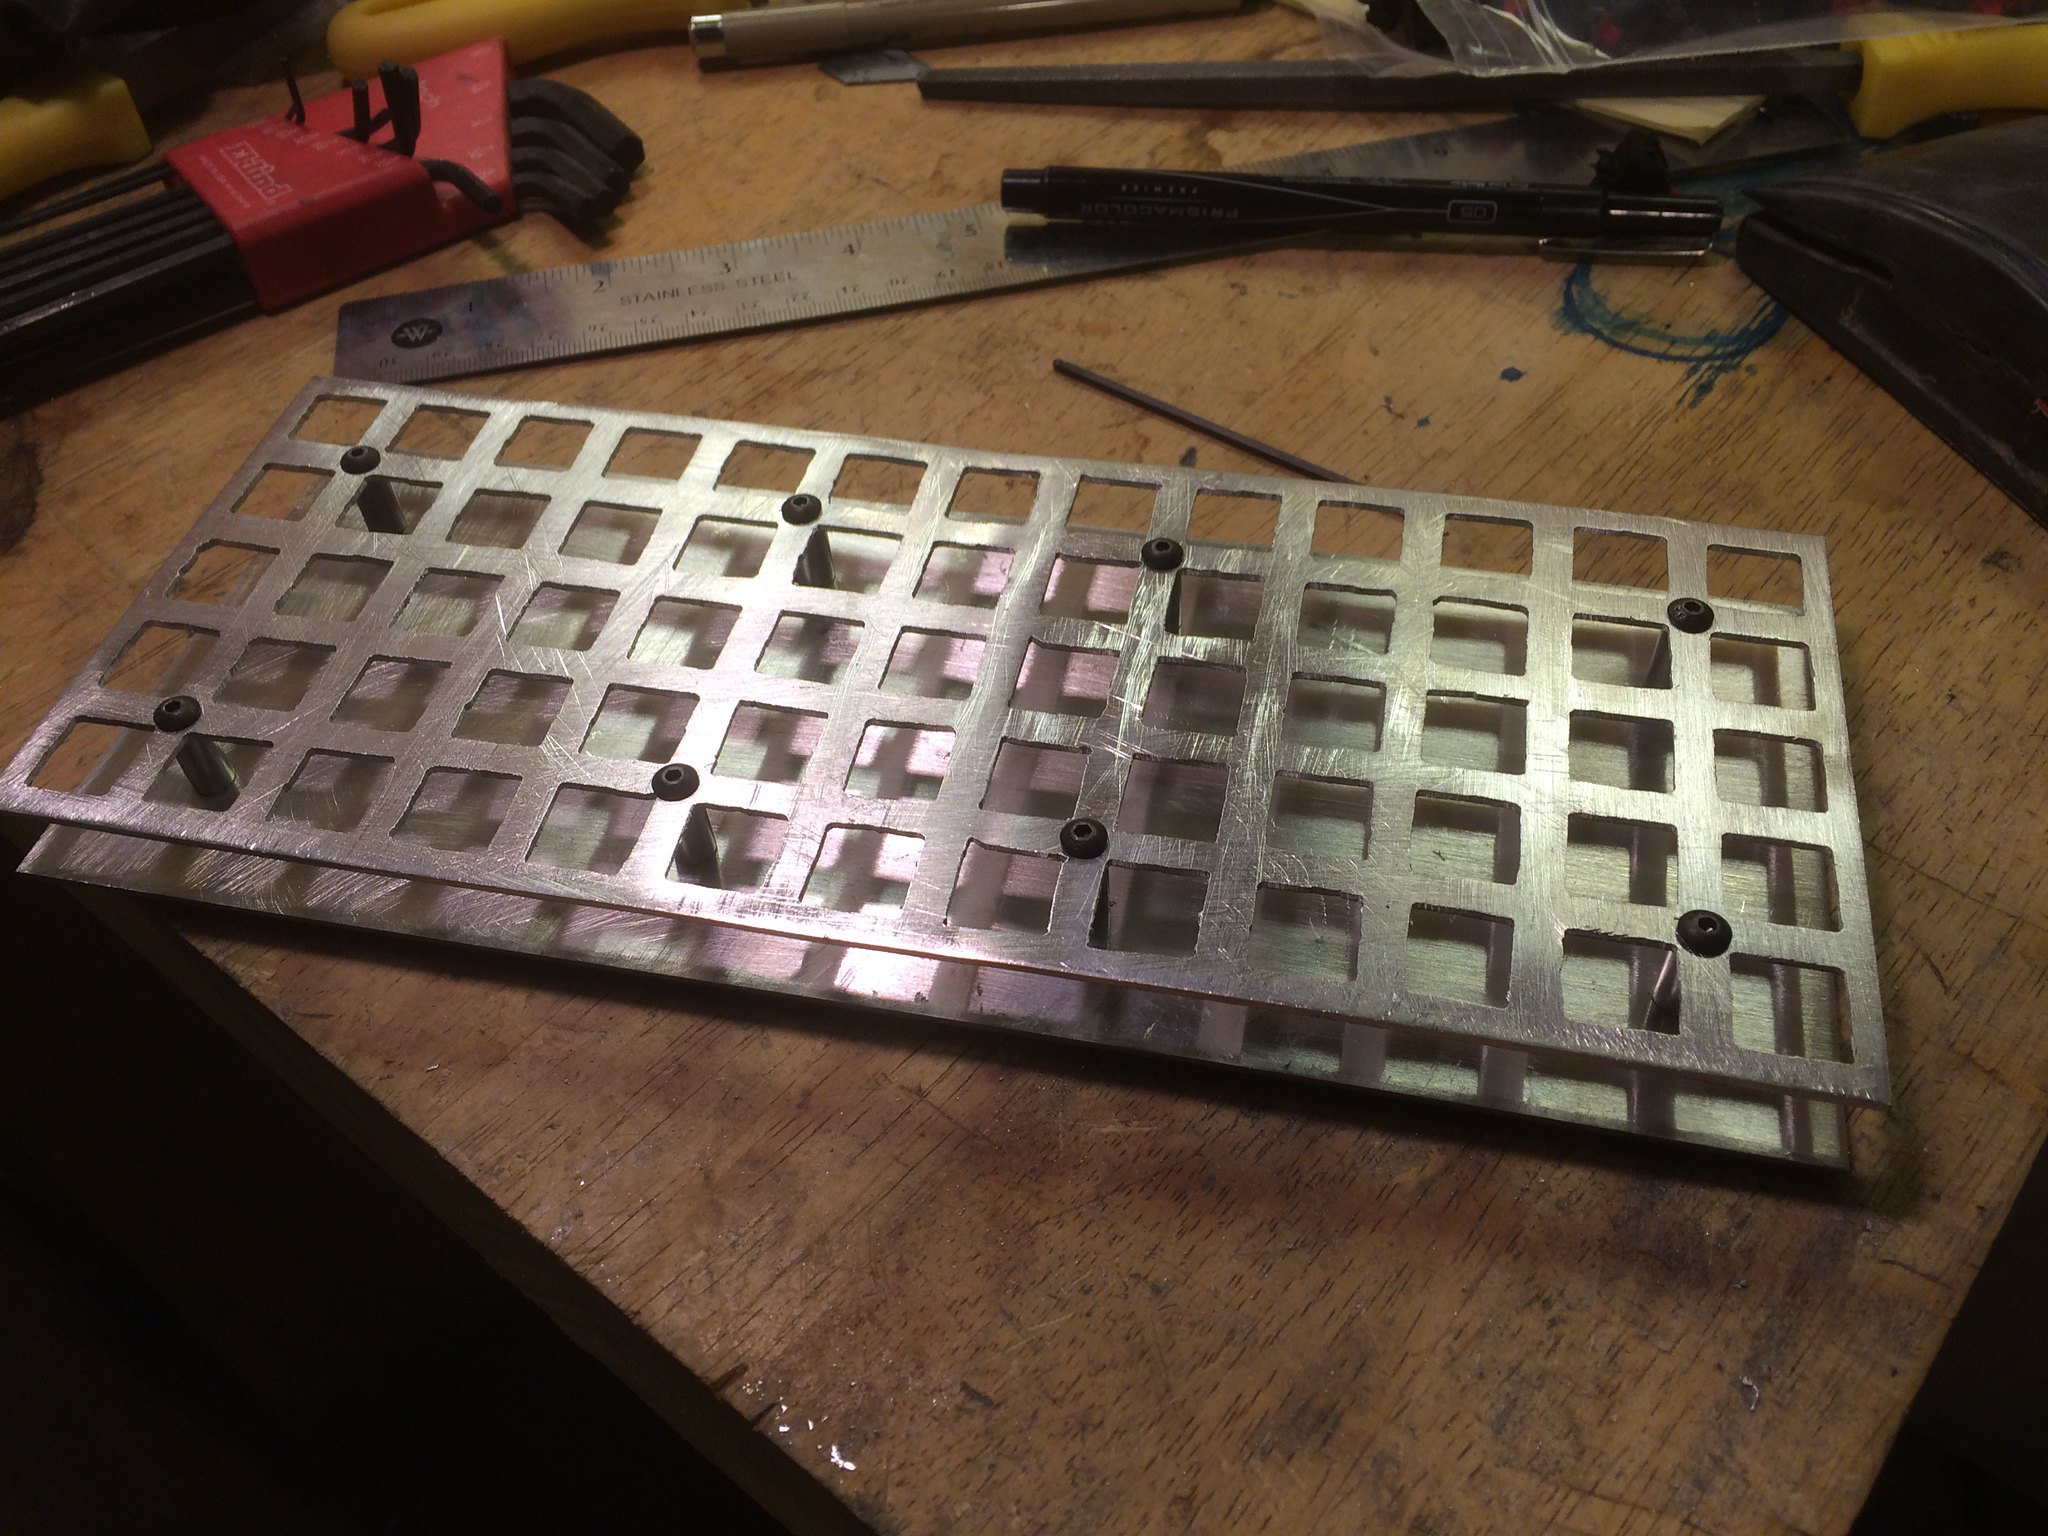 Keyboard case assembly